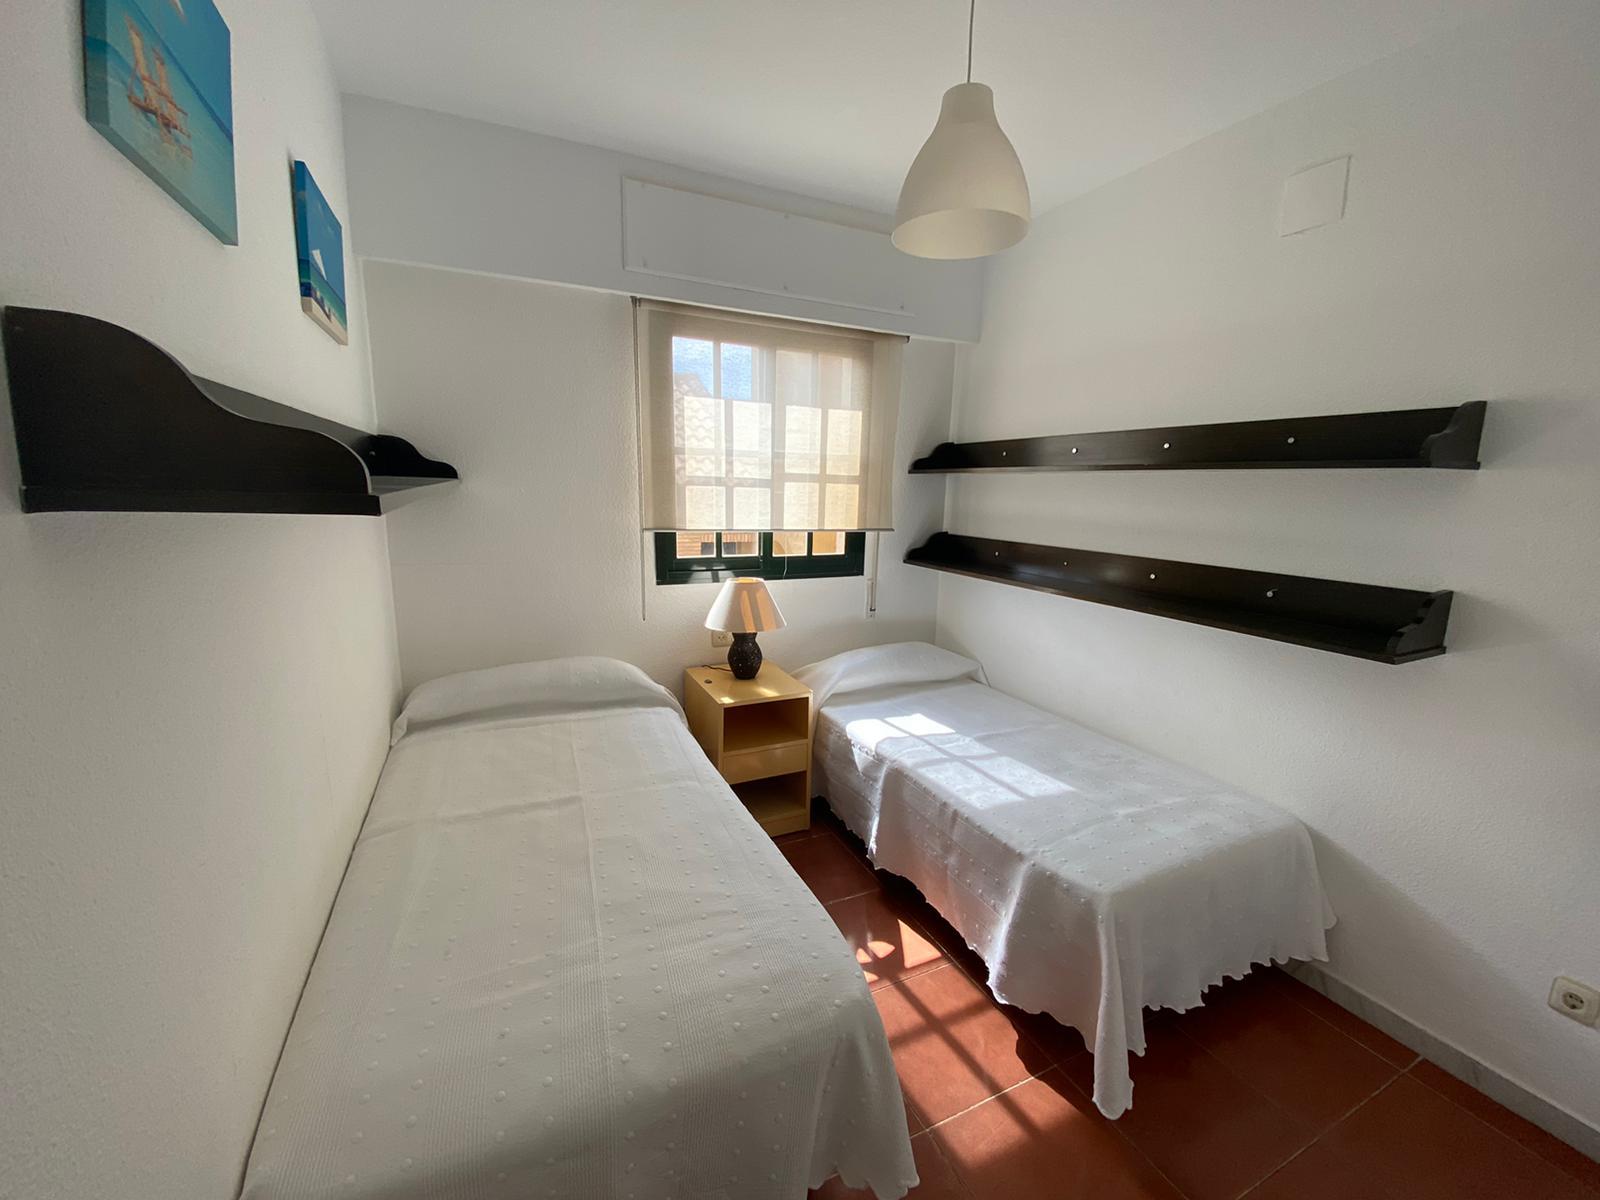 Imagen 23 del Vivienda Turística, Ático 94 (3d+2b), Isla Canela (HUELVA), Avda. de las Codornices nº 24 bloque 1-3